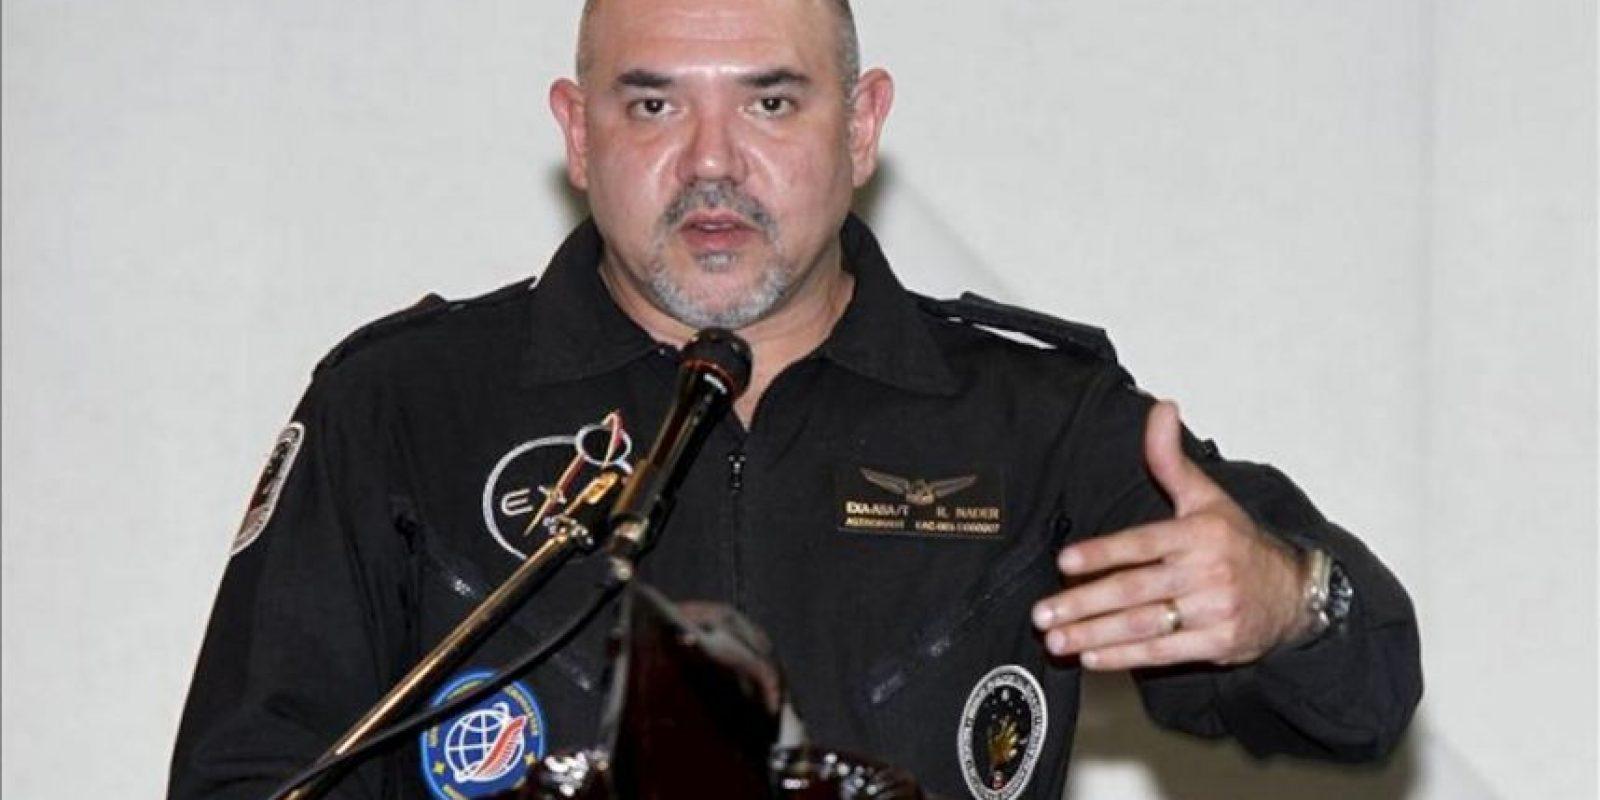 En la imagen, el primer astronauta ecuatoriano y director de la Agencia Espacial Civil Ecuatoriana (EXA), Ronnie Nader, quien considera que todo ha salido bien hasta el momento tras el lanzamiento del satélite ecuatoriano Pegaso. EFE/Archivo